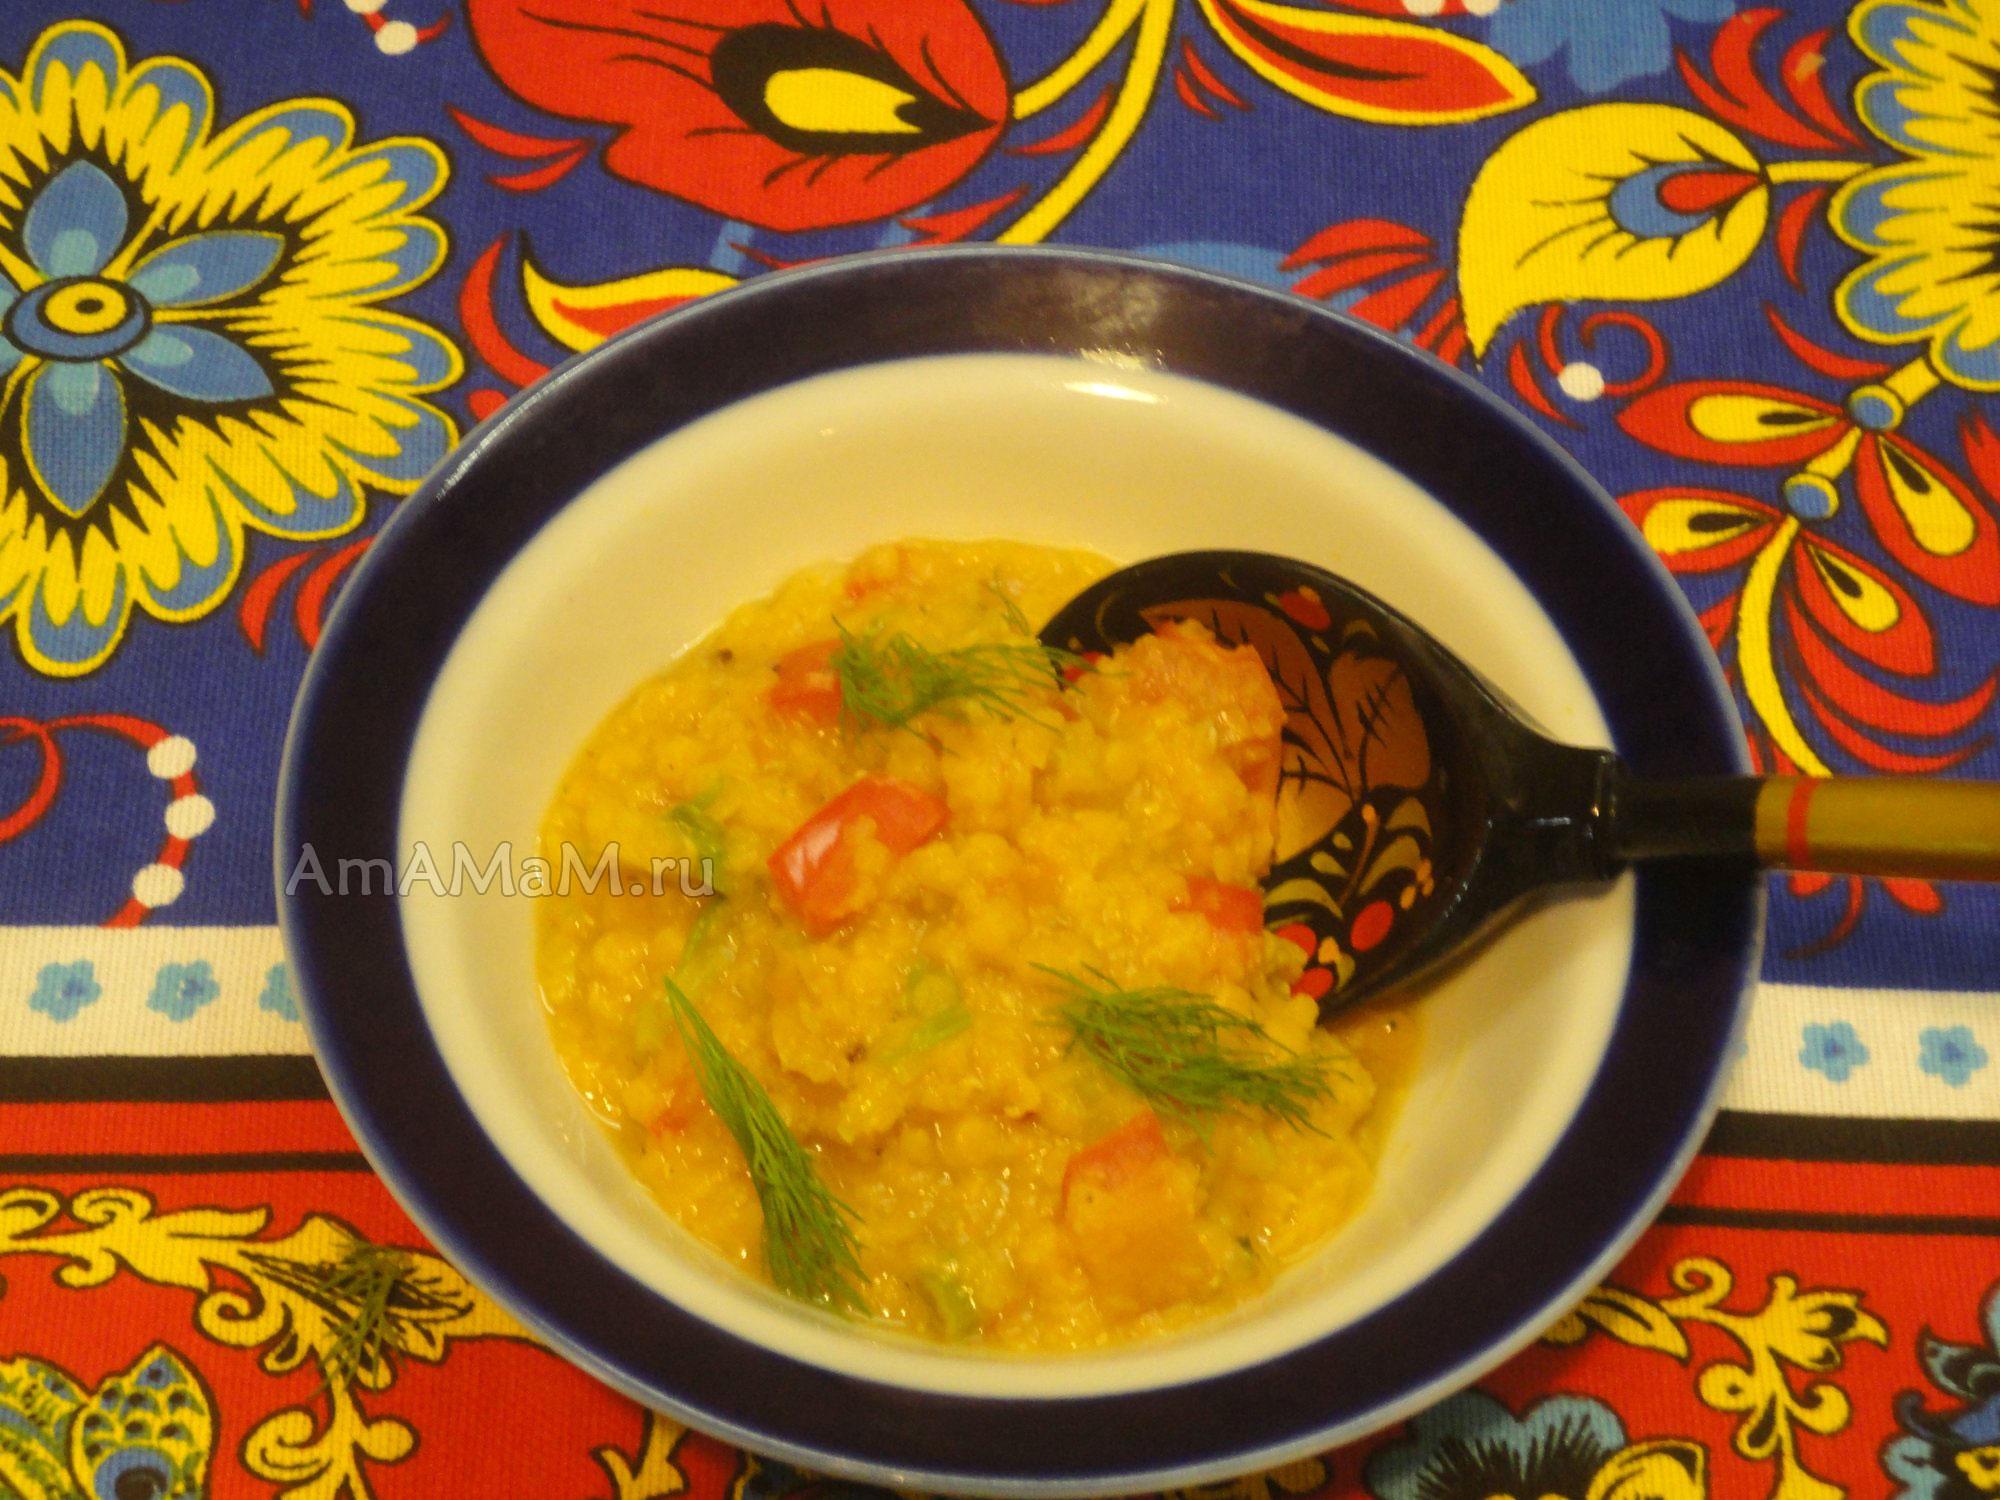 Чечевица с капустой рецепты